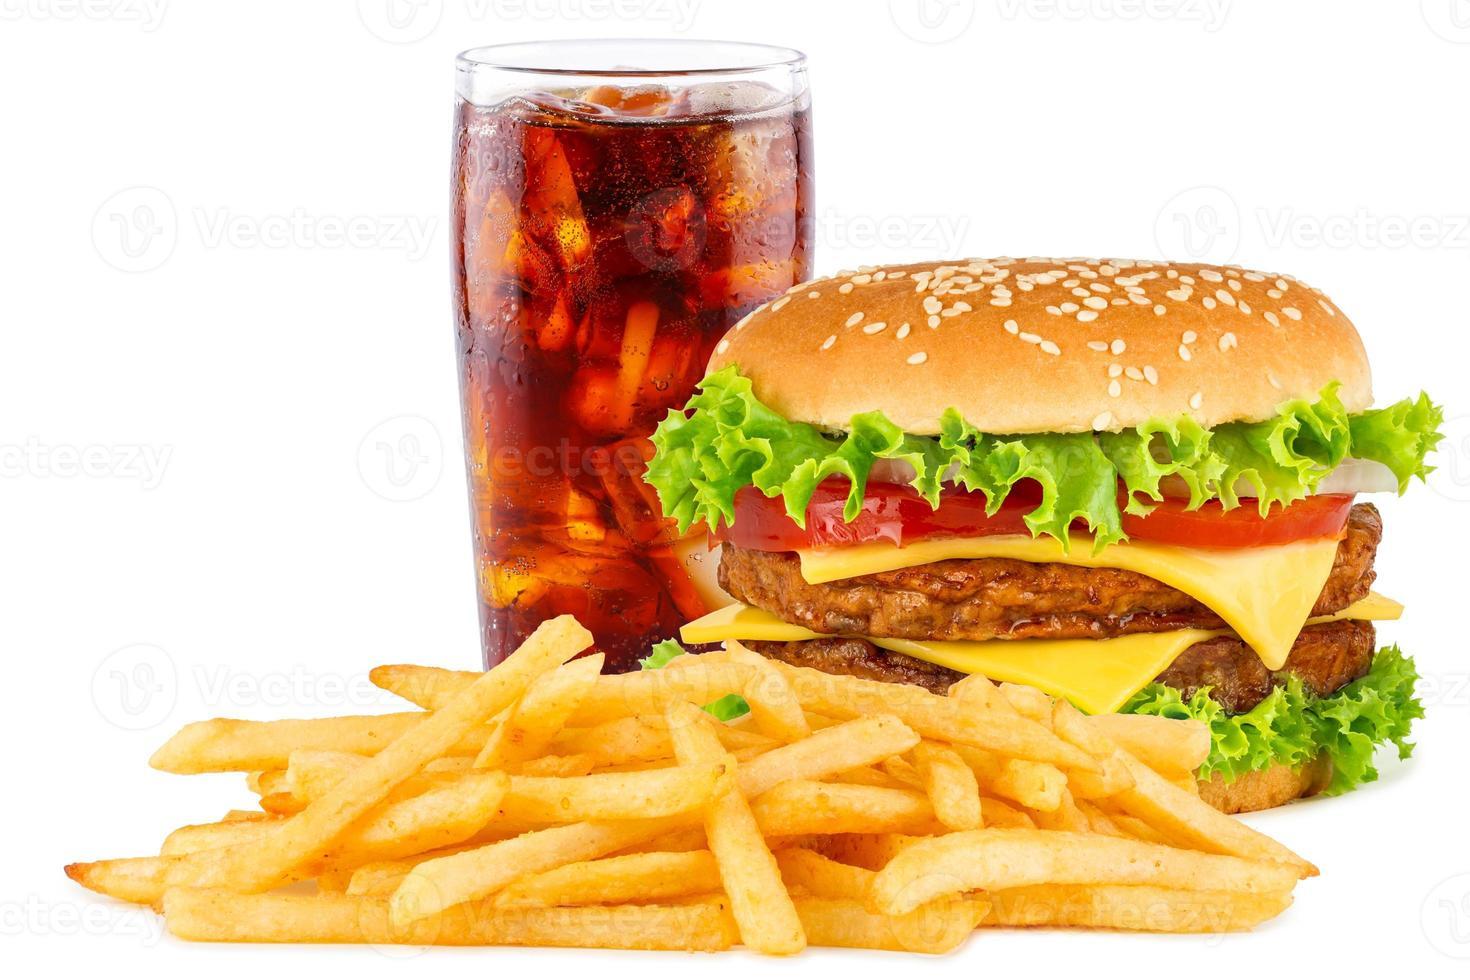 menu cheeseburger photo